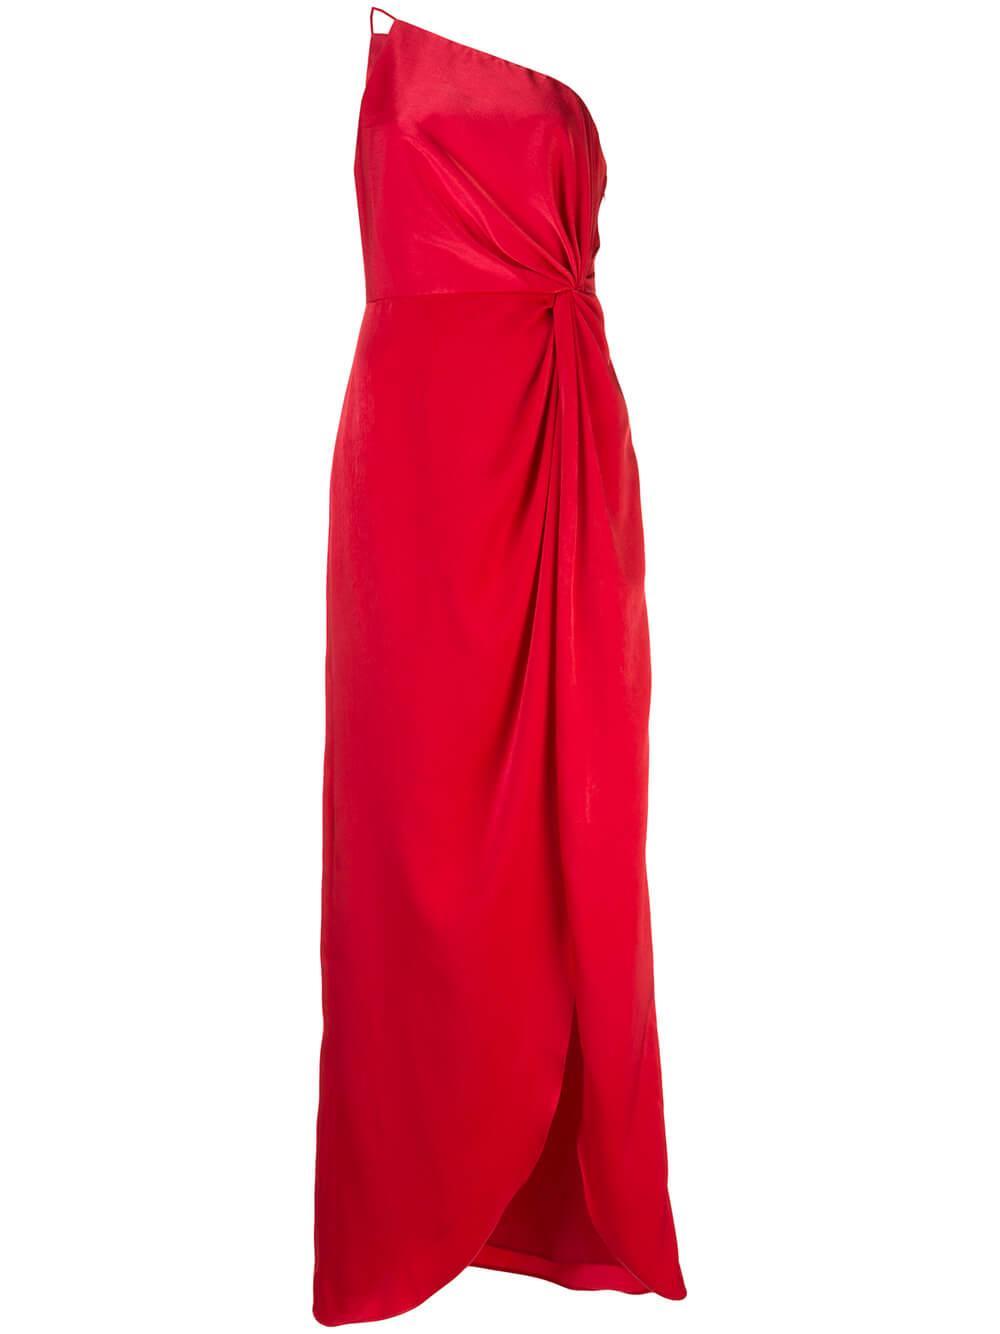 Draped One Shoulder Dress Item # MN1E205031